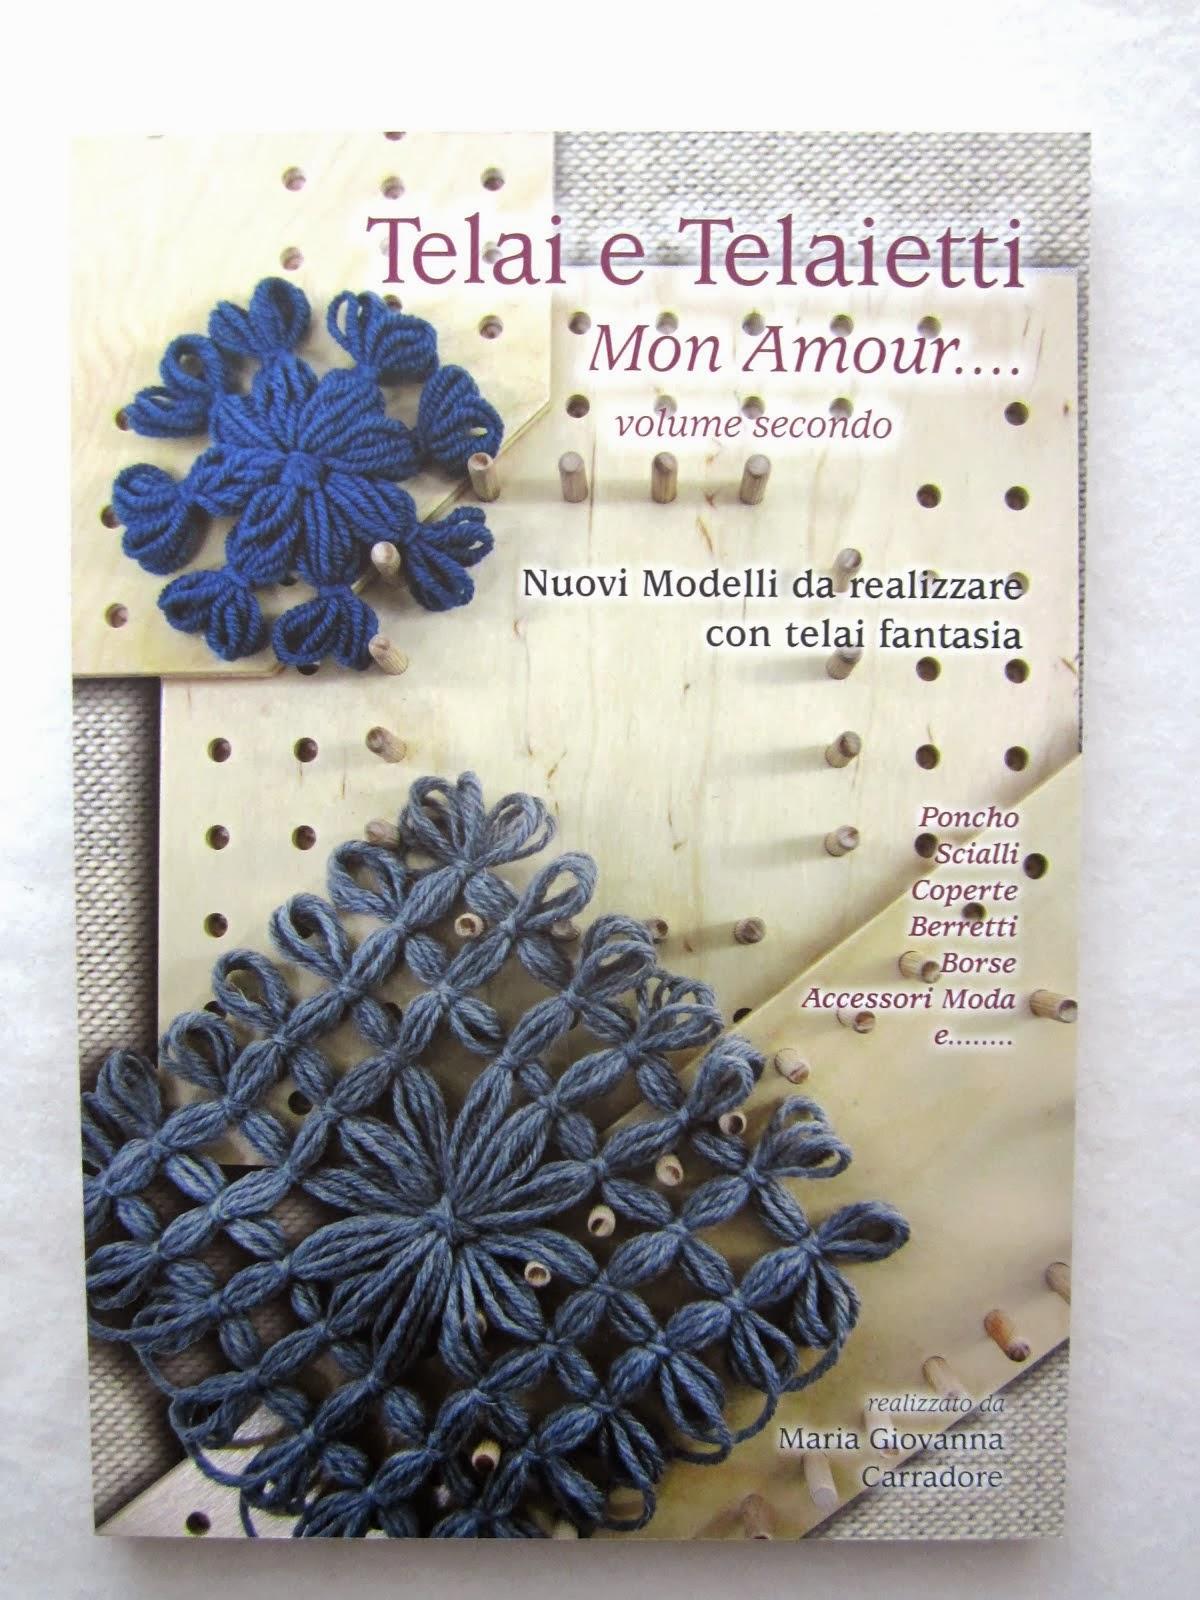 Il secondo volume di Telai e Telaietti Mon Amour